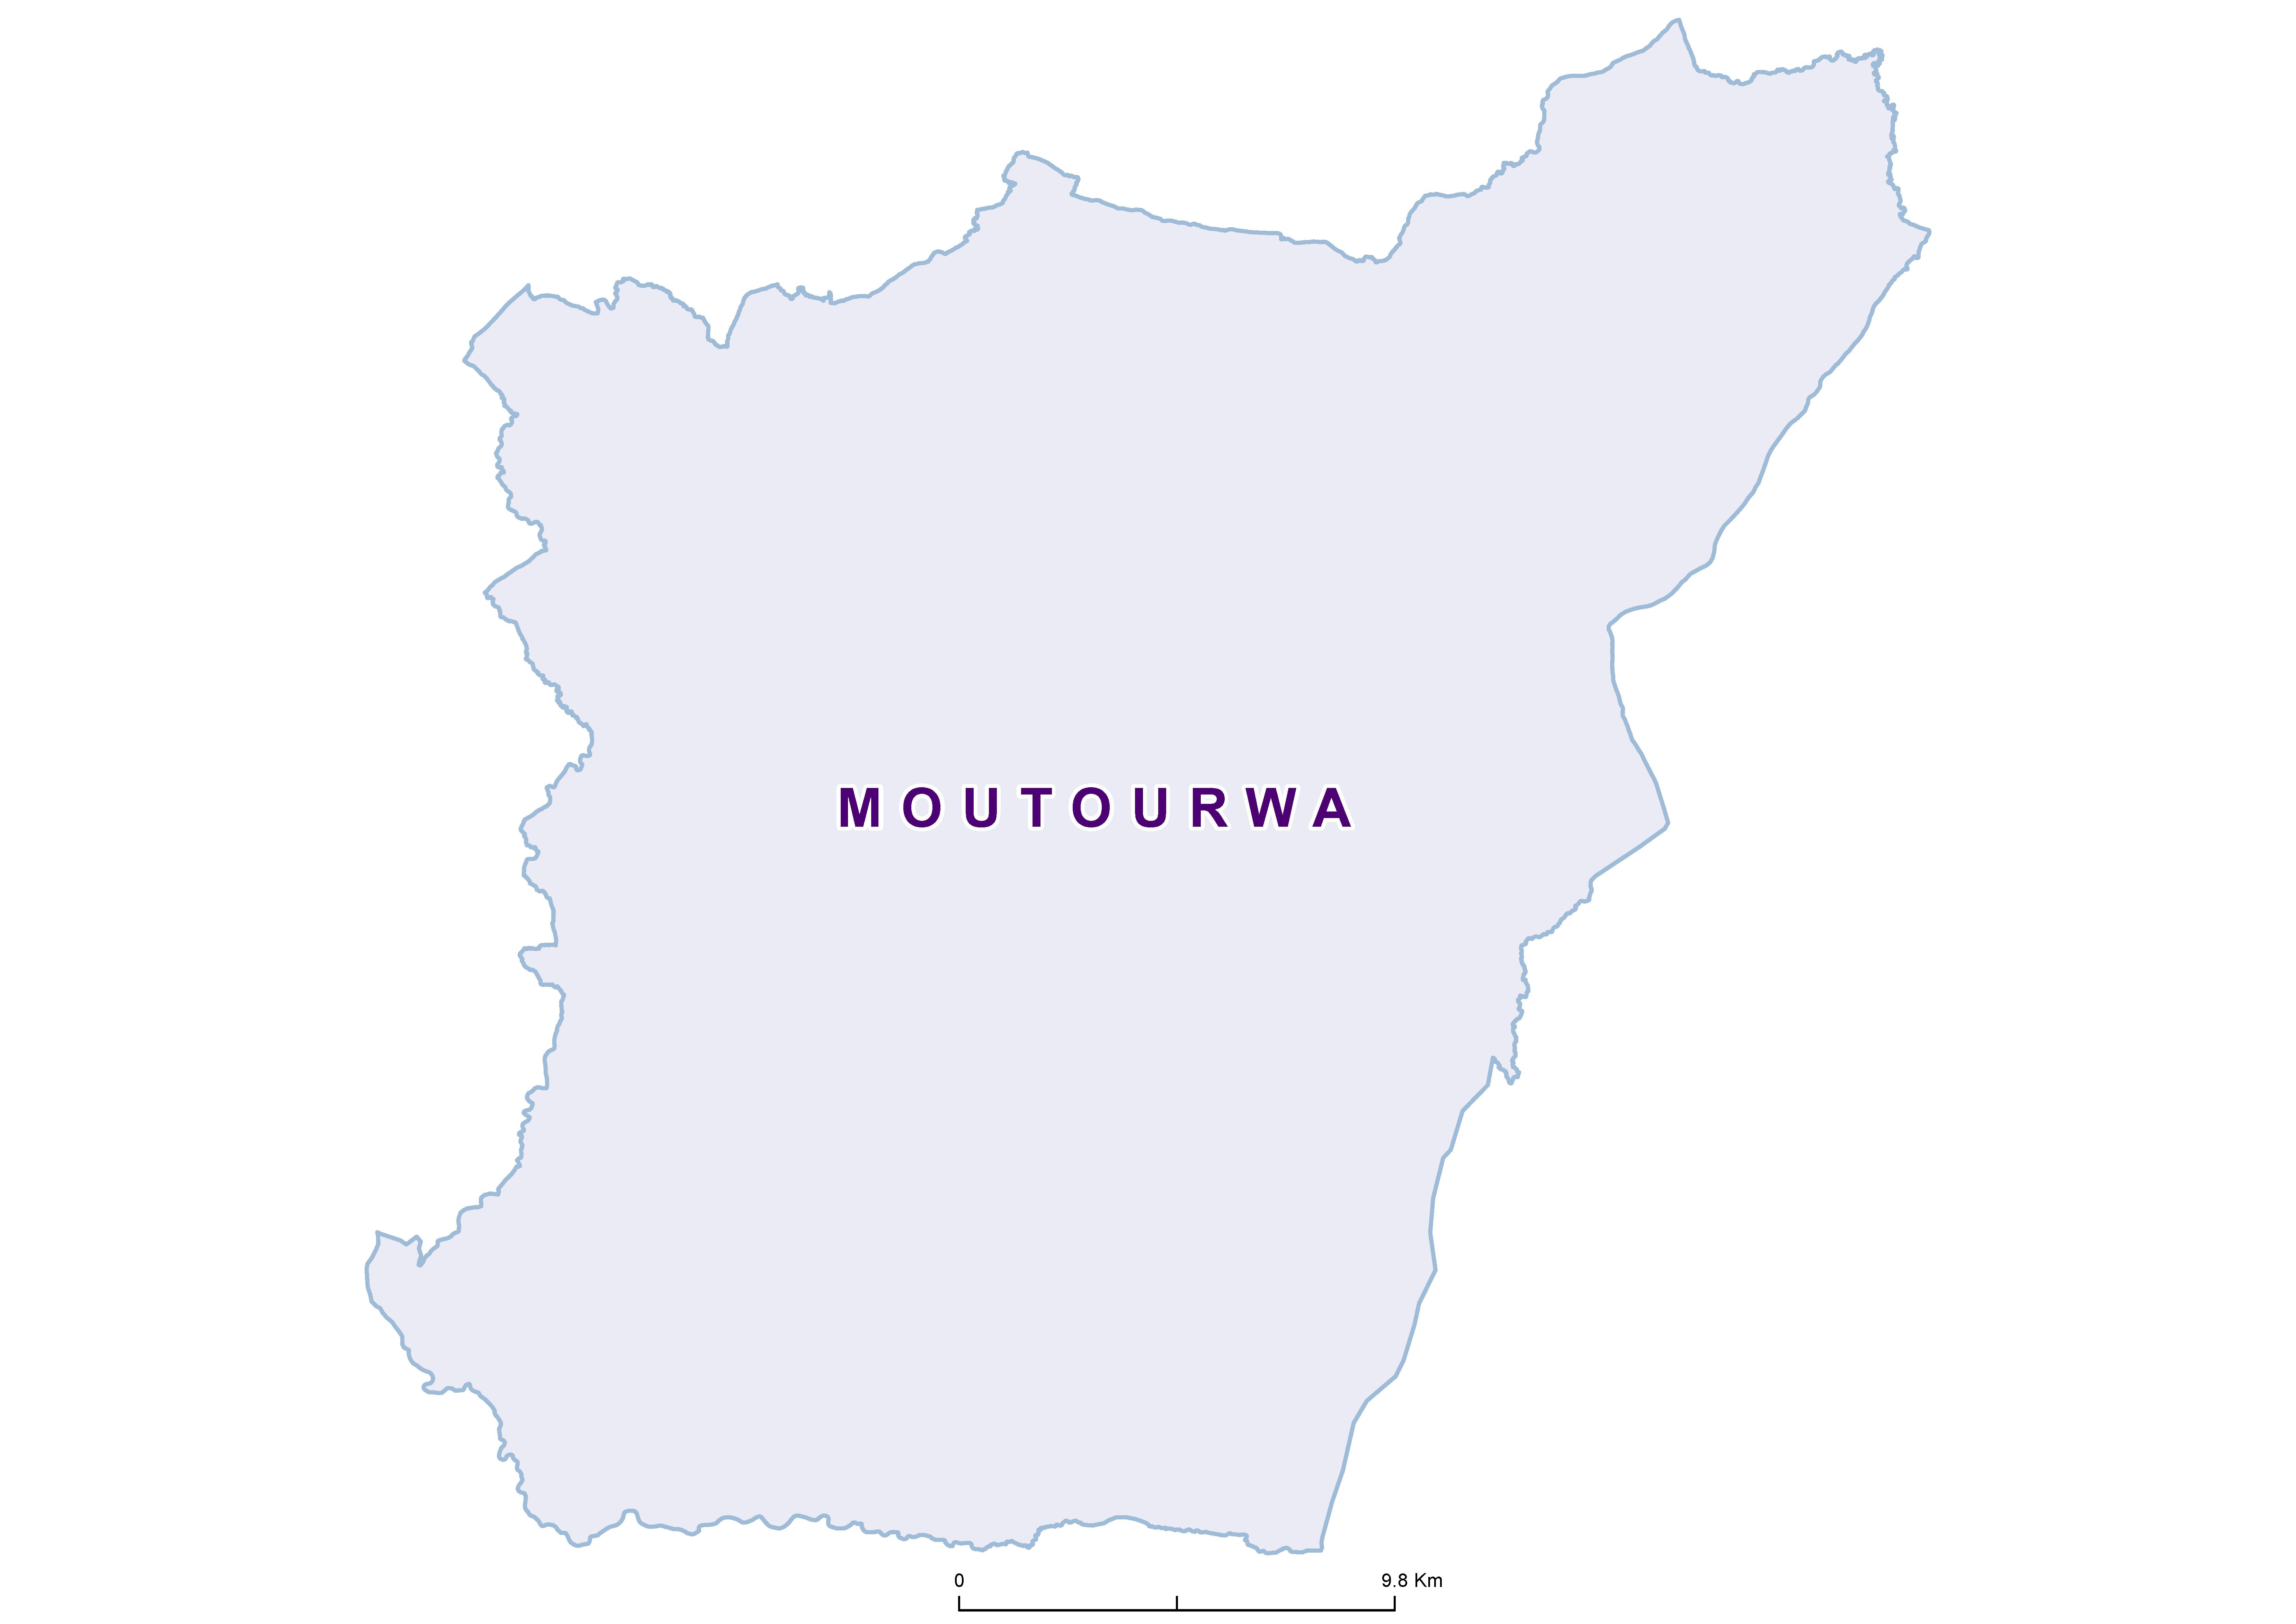 Moutourwa Max SCH 20180001